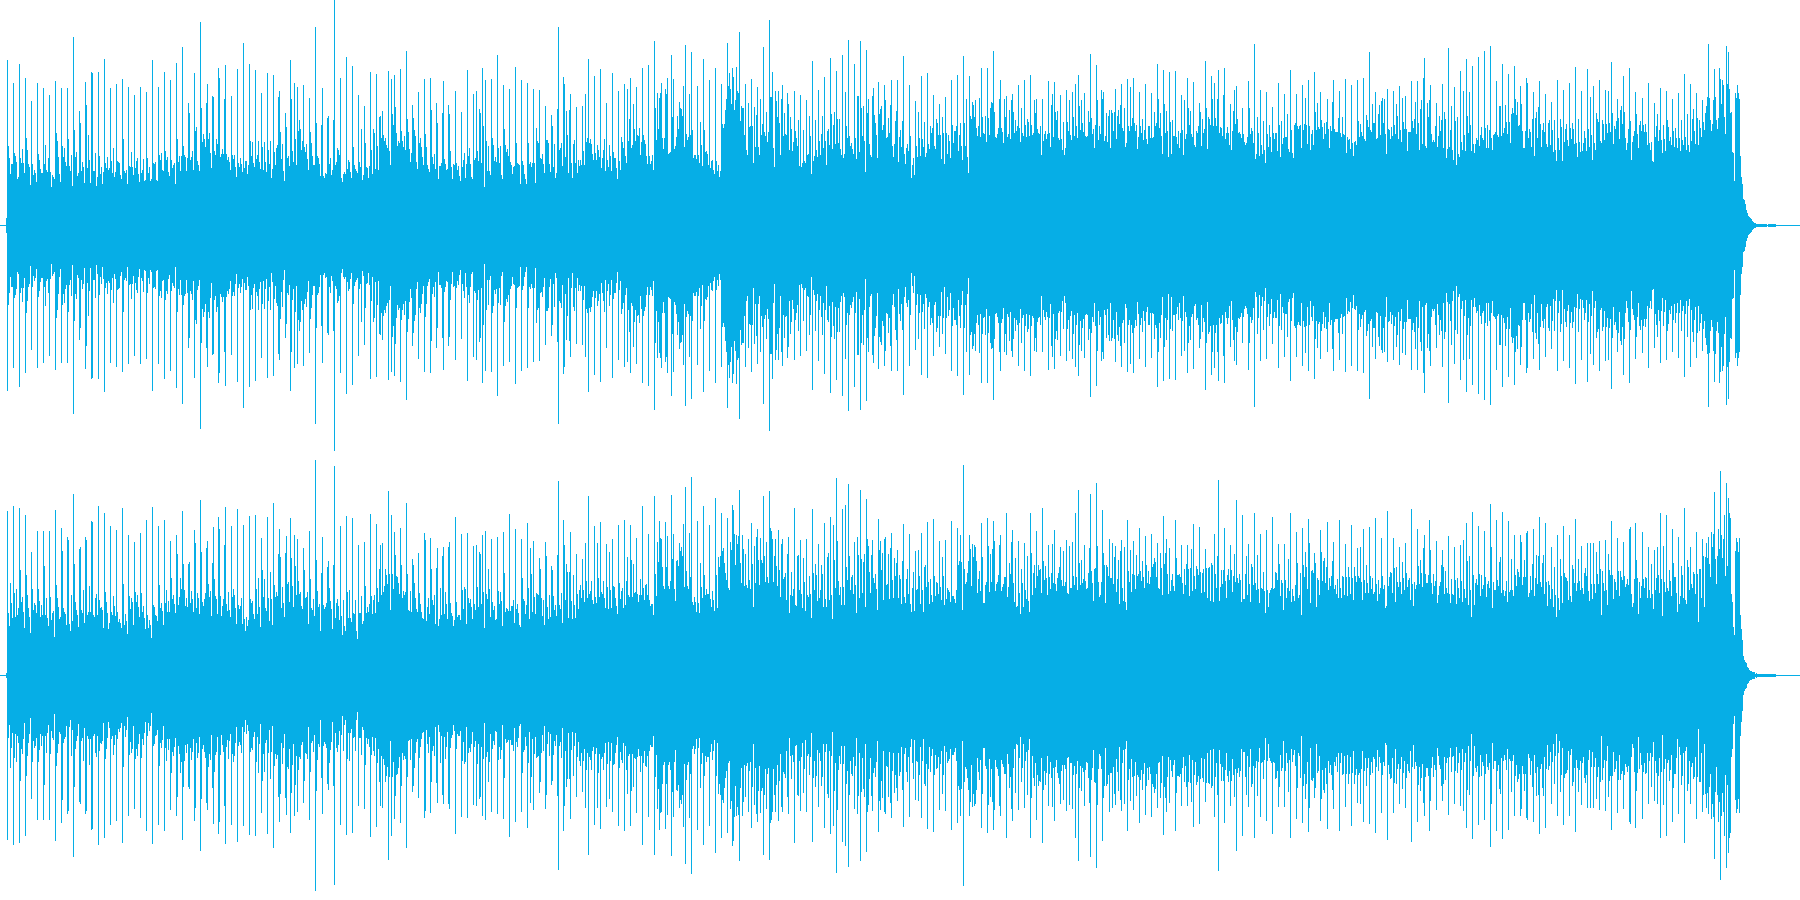 何かが始まるイメージの楽曲です。の再生済みの波形